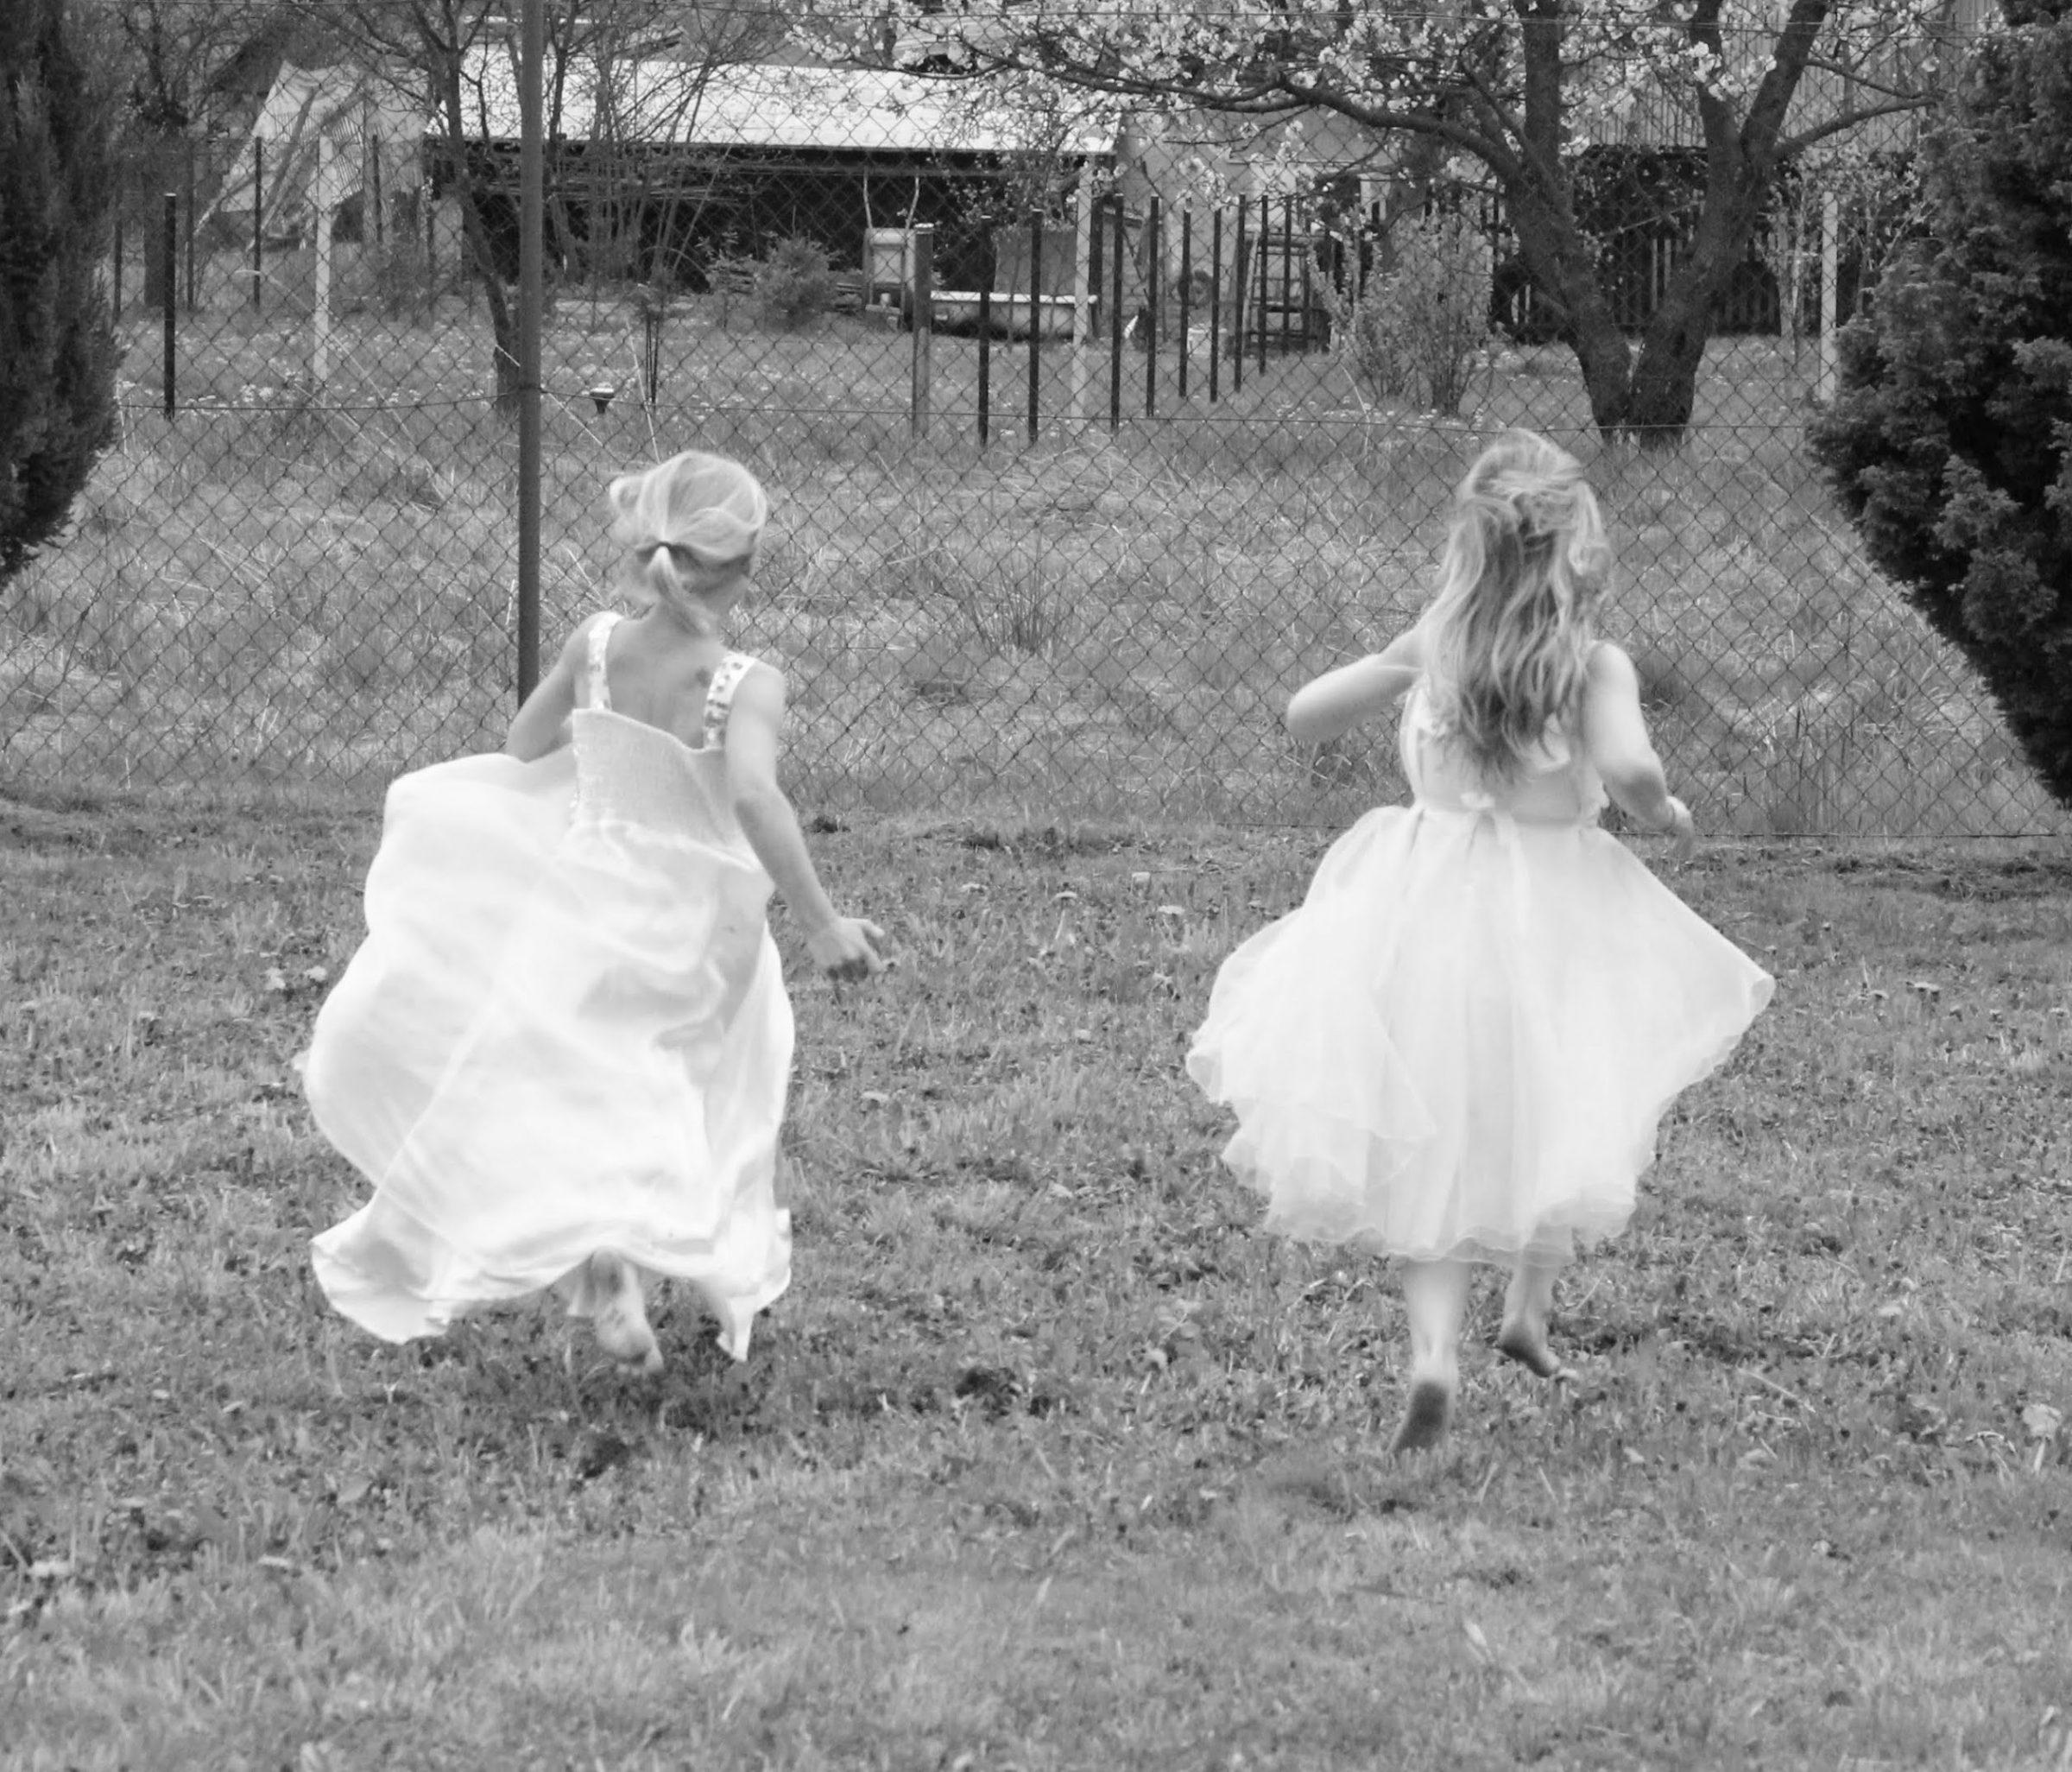 Kinderen vinden het heerlijk om vrij rond te rennen en te spelen op de camping